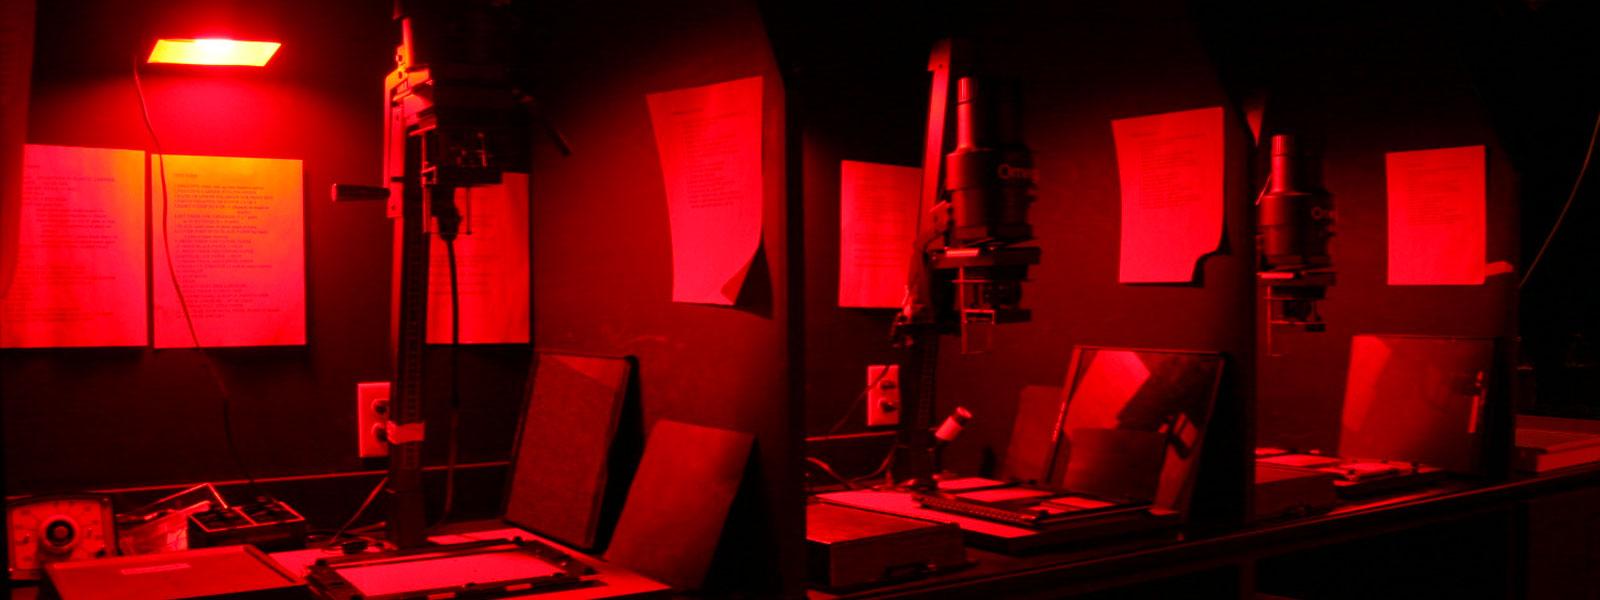 Un labo en lumière inatinique